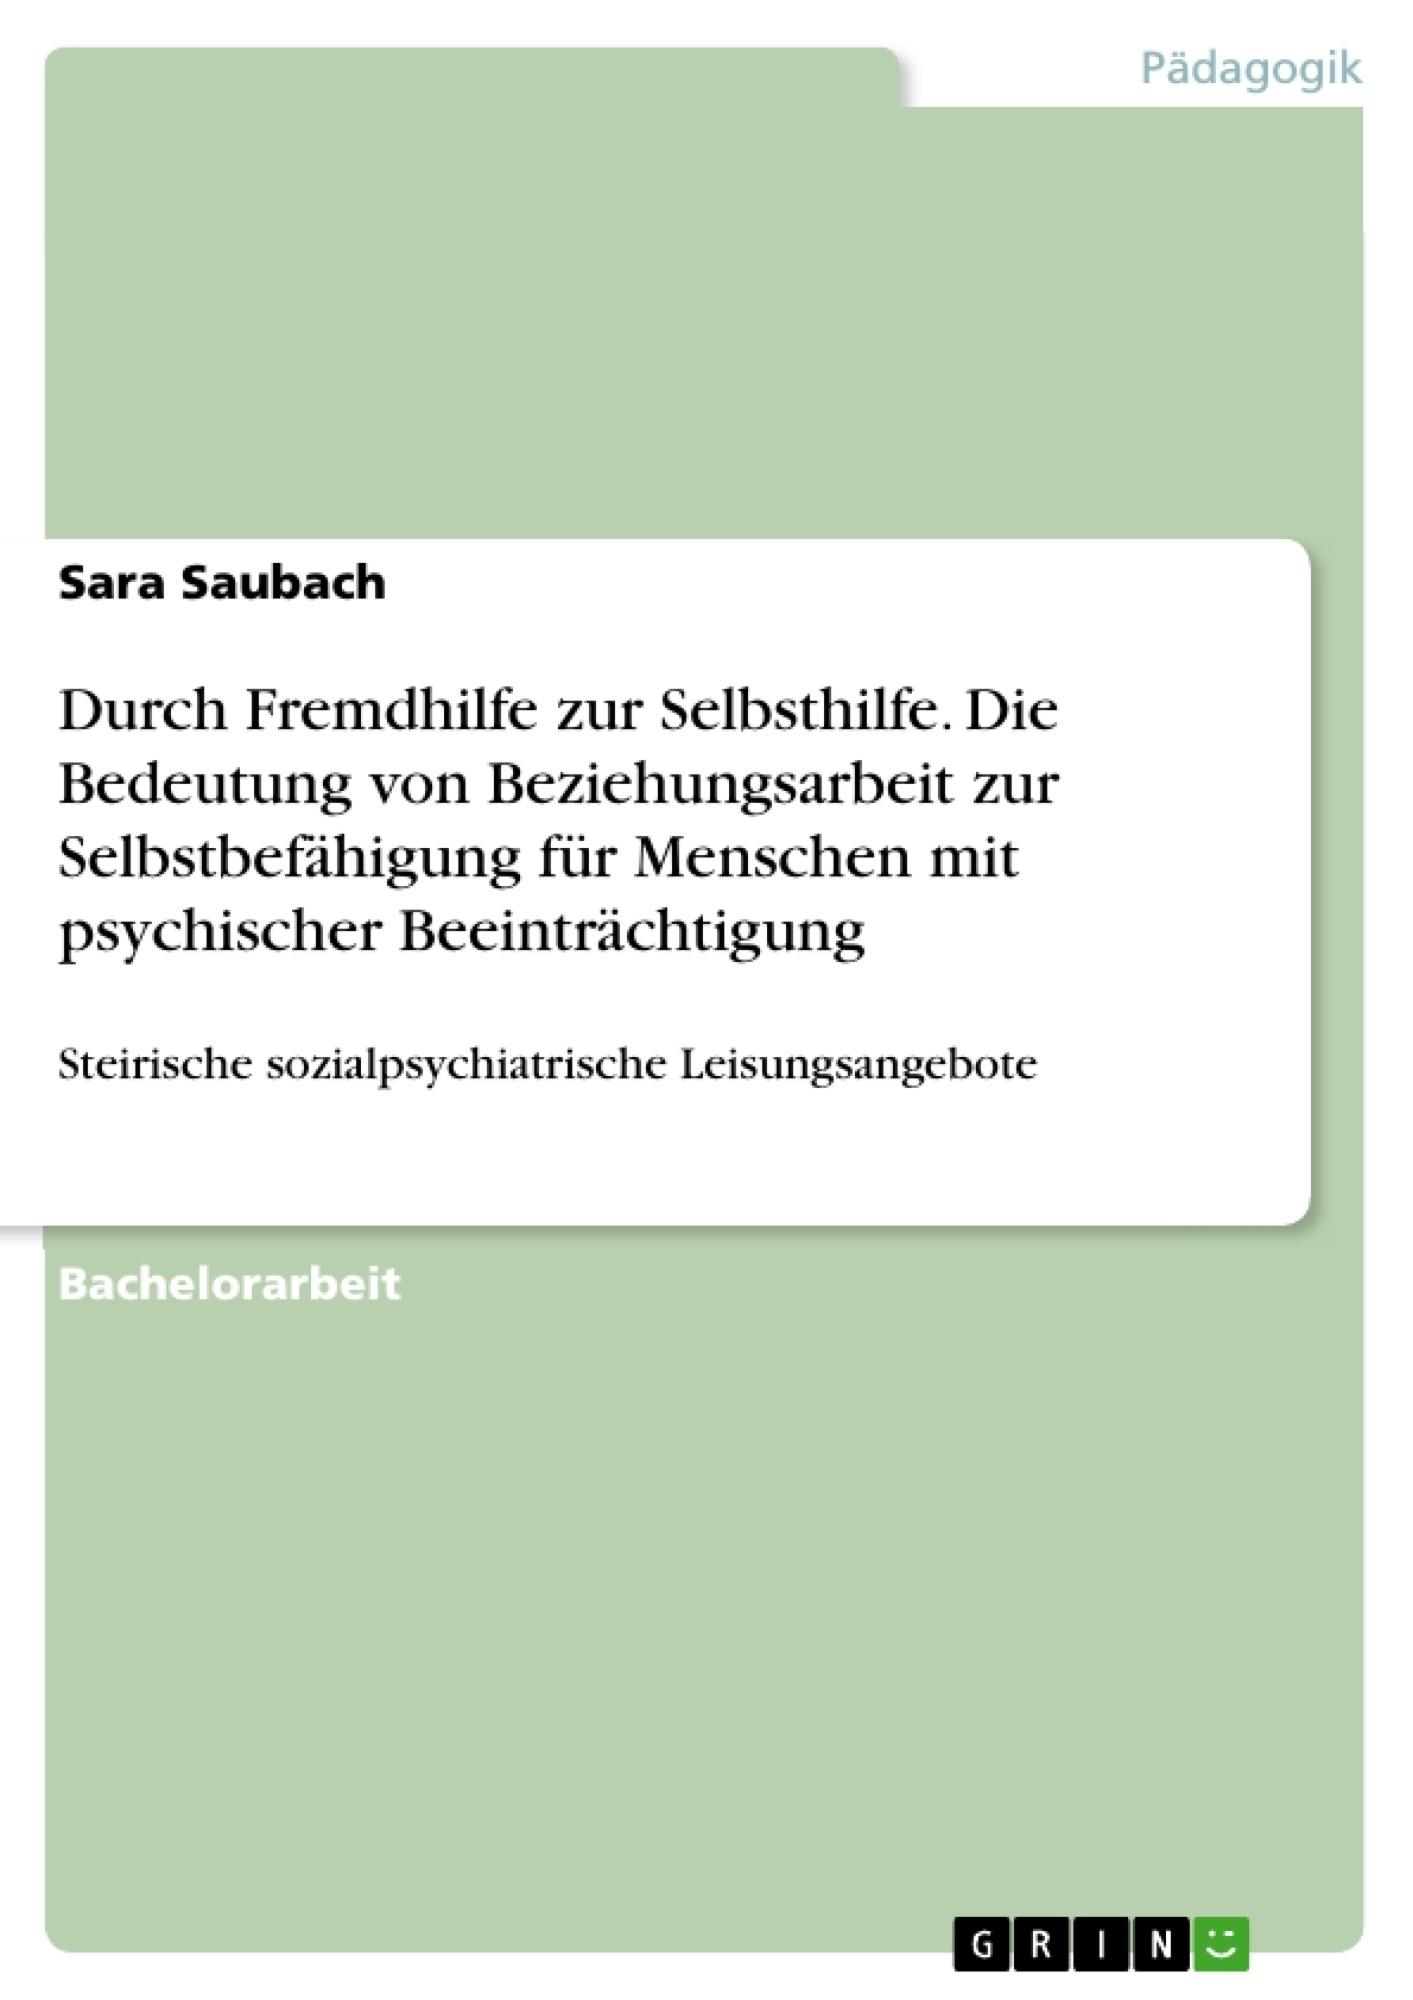 Titel: Durch Fremdhilfe zur Selbsthilfe. Die Bedeutung von Beziehungsarbeit zur Selbstbefähigung für Menschen mit psychischer Beeinträchtigung